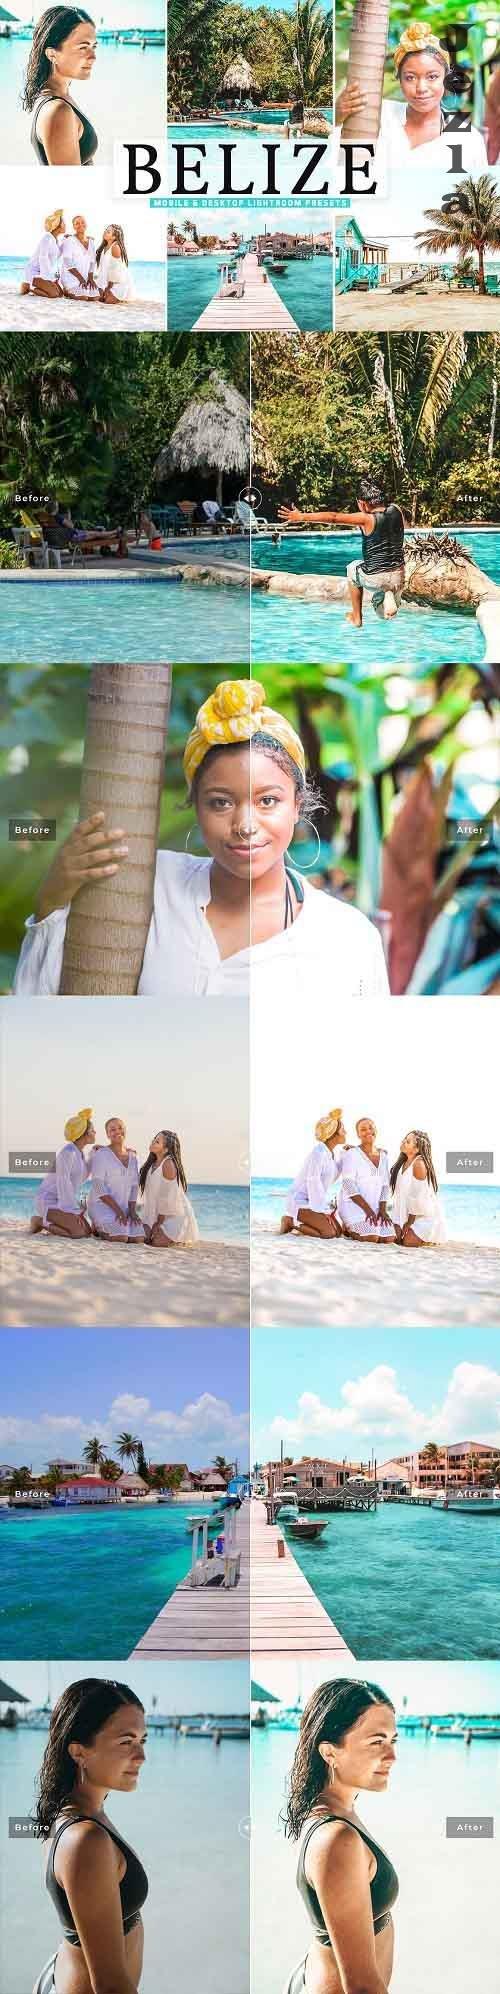 Belize Pro Lightroom Presets - 5542295 - Mobile & Desktop